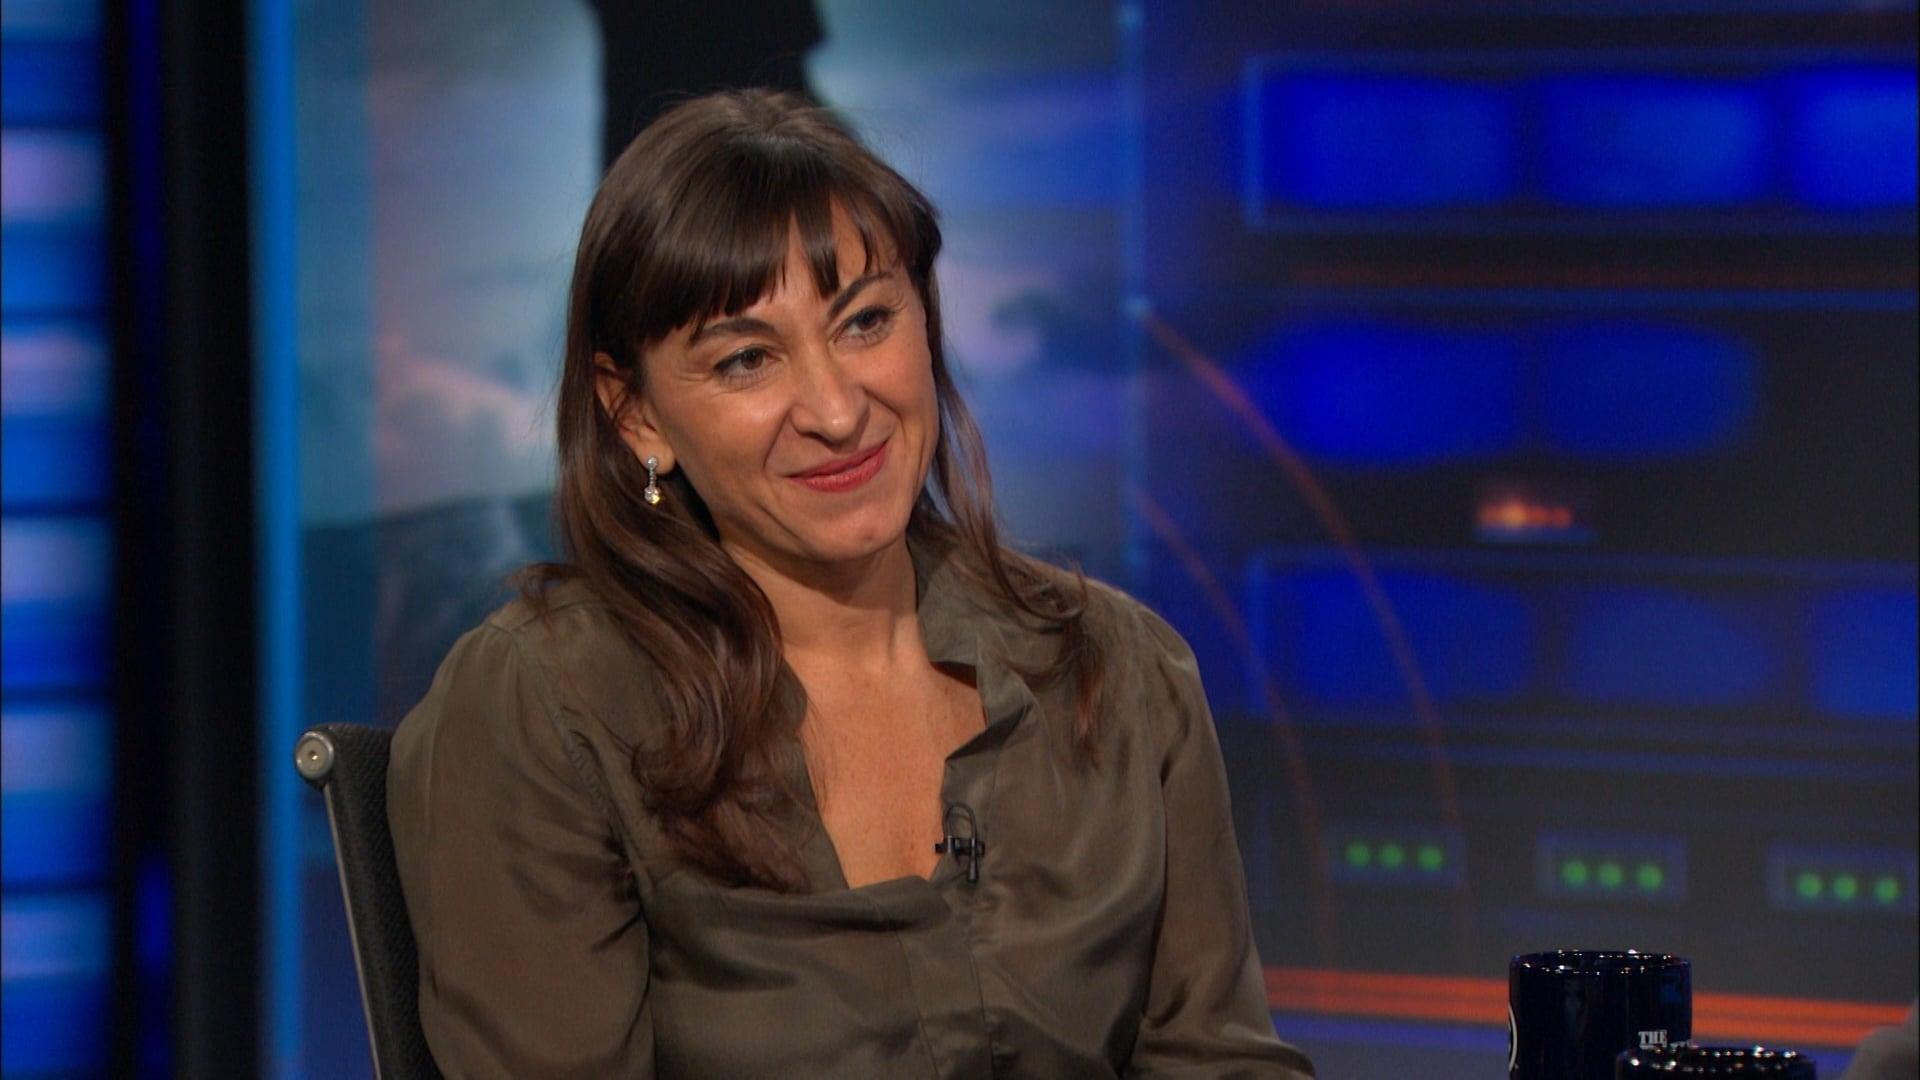 The Daily Show with Trevor Noah Season 20 :Episode 65  Lynsey Addario